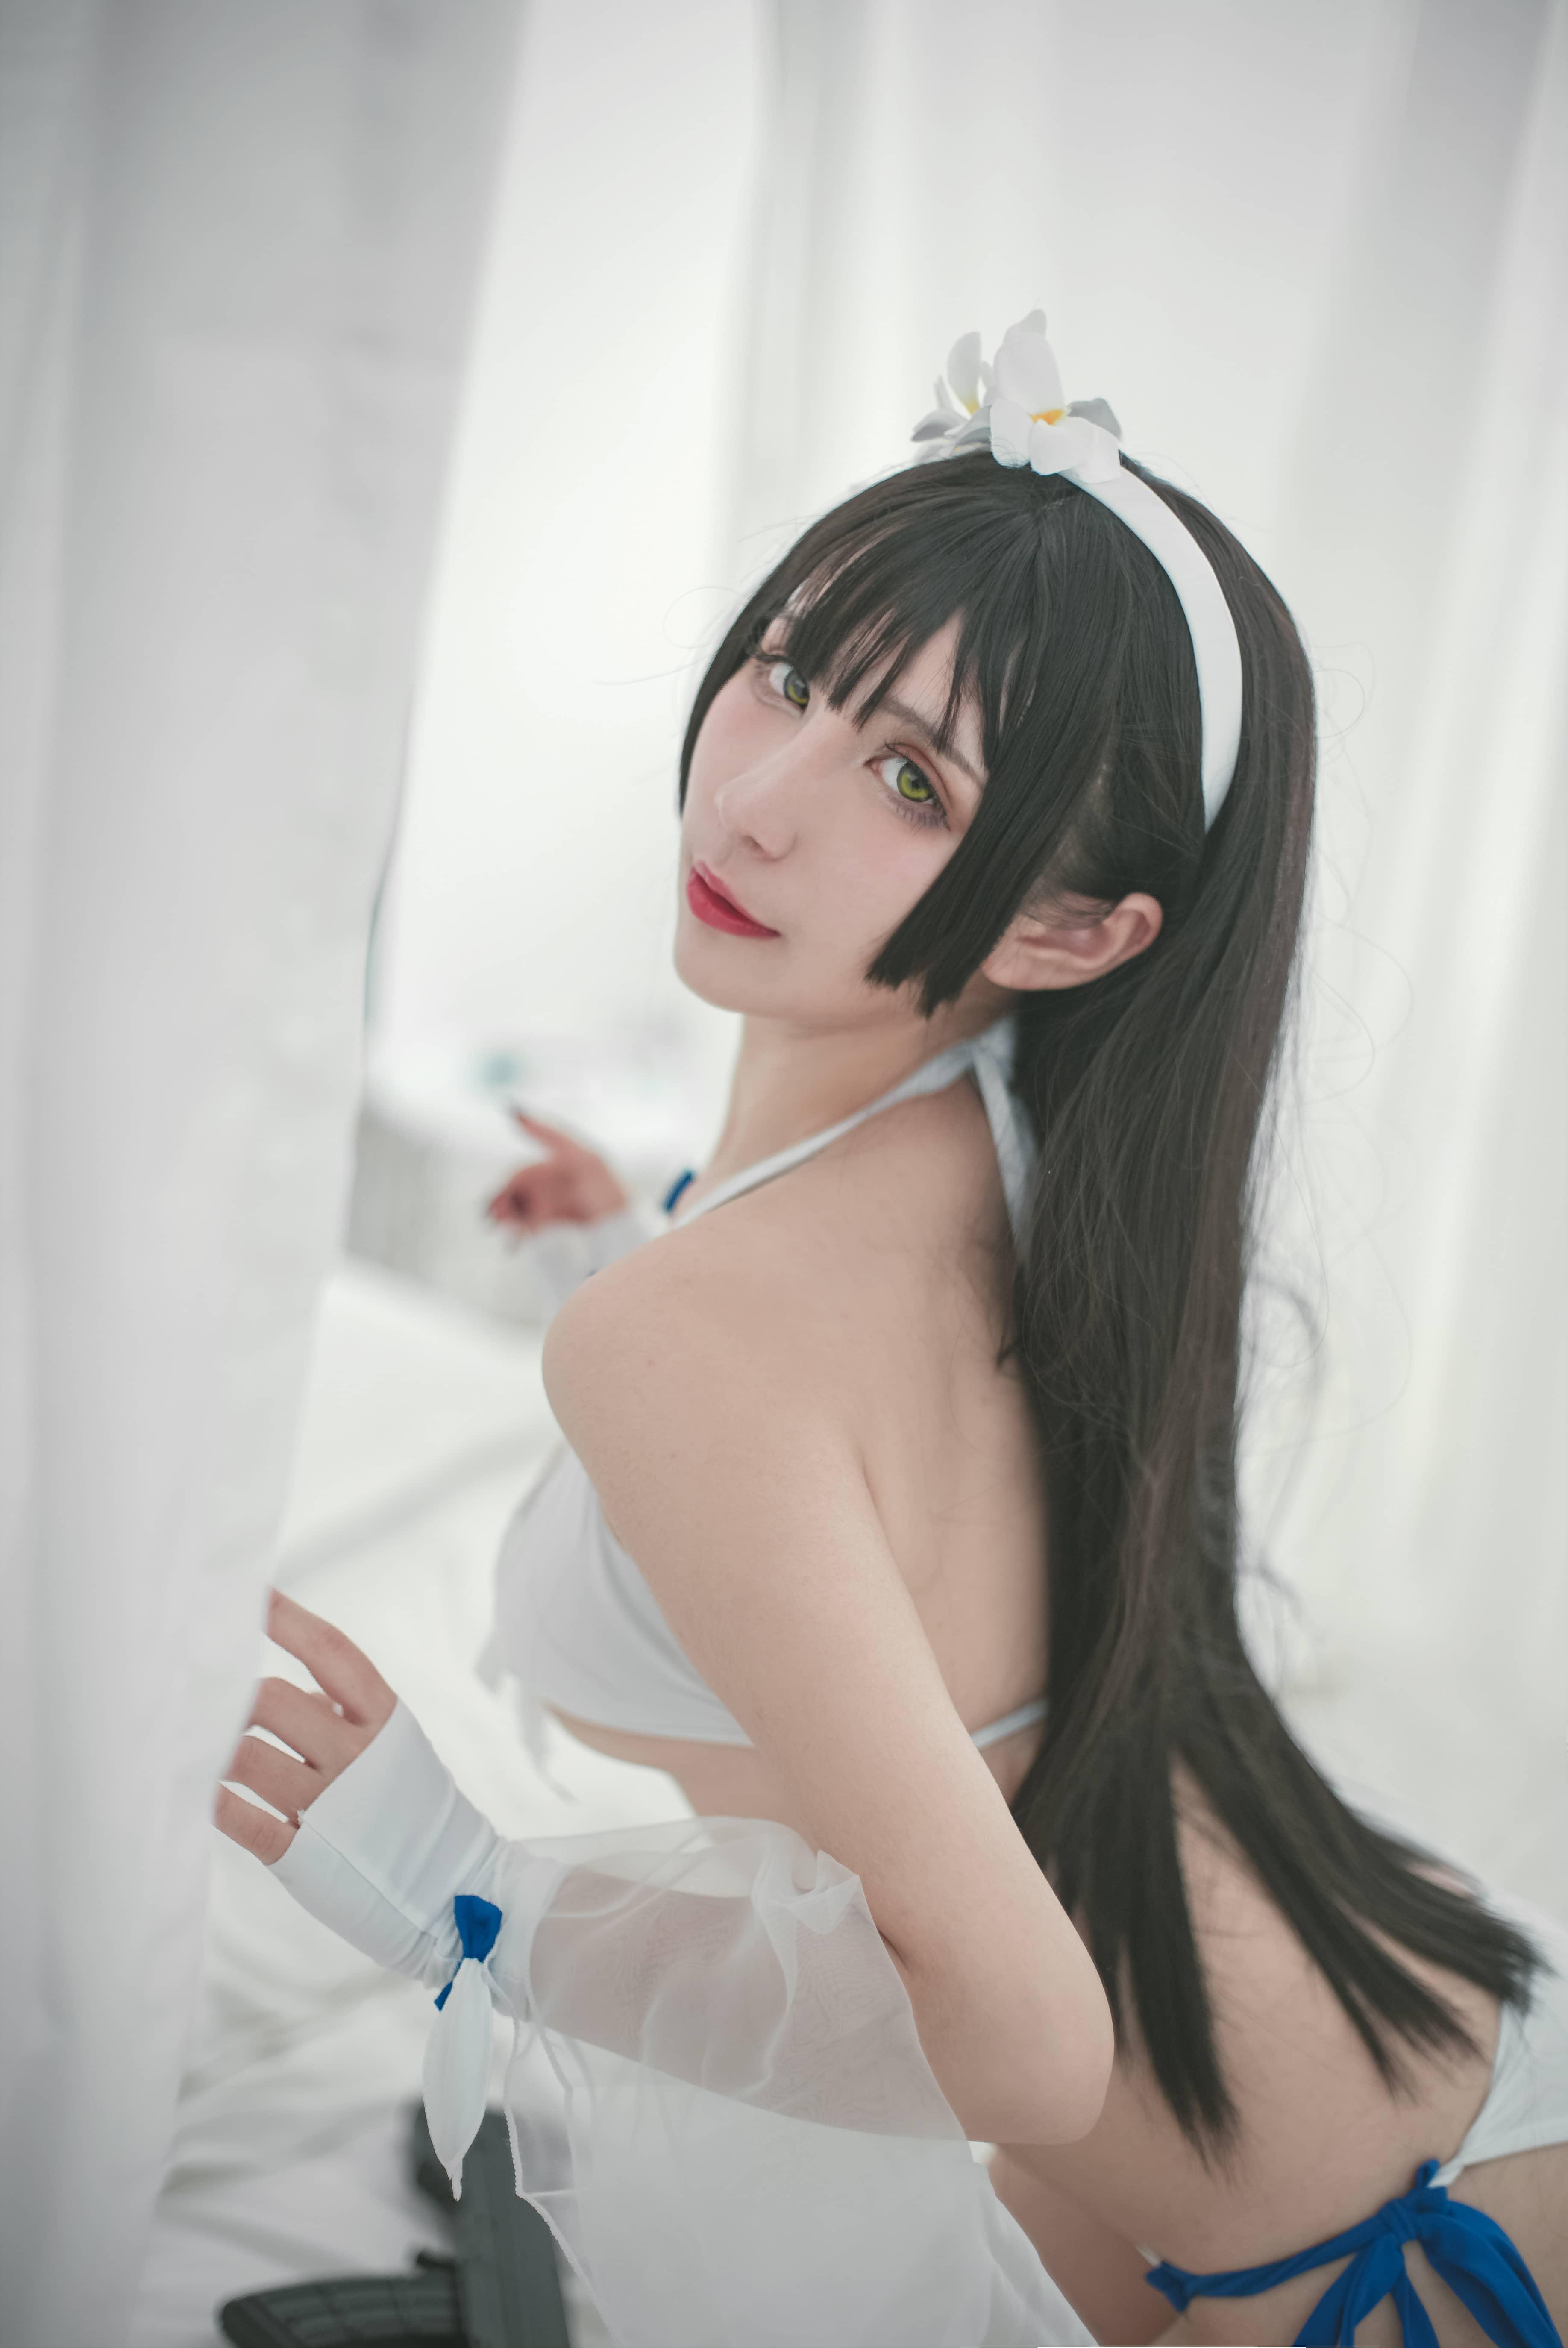 【九曲jean】cos《少女前线》95泳装电子本 次元美图